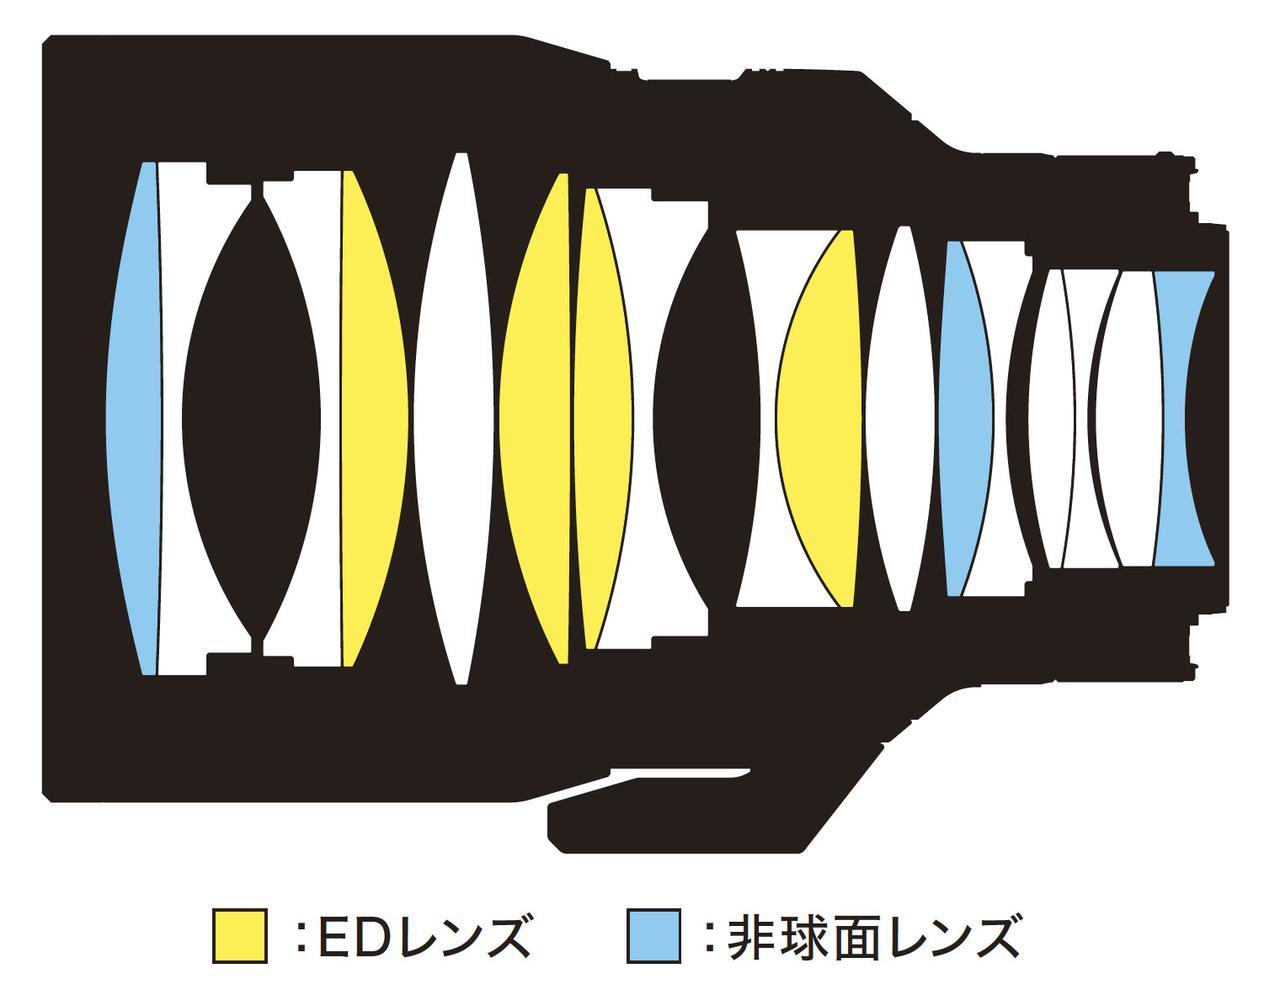 画像: NIKKOR Z 58mm f/0.95 S Noctのレンズ構成図。10群17枚構成で、EDレンズ4枚、非球面レンズ3枚を採用する